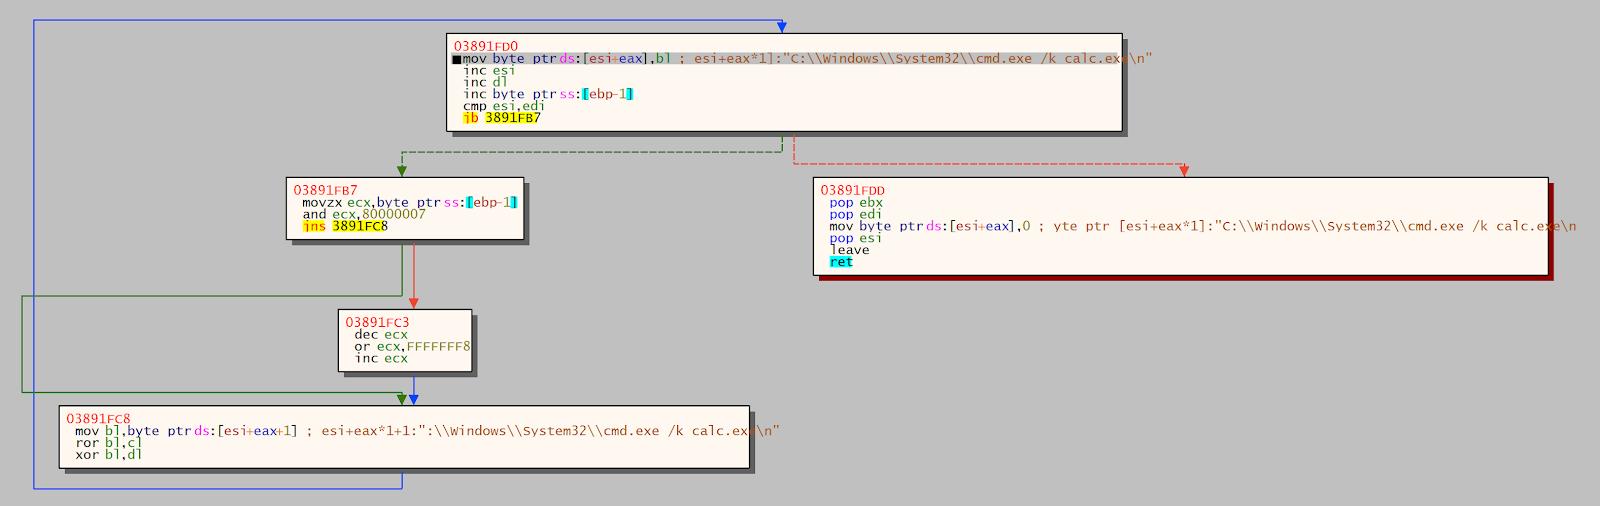 Picking Apart Poweliks - Fileless(ish) Malware